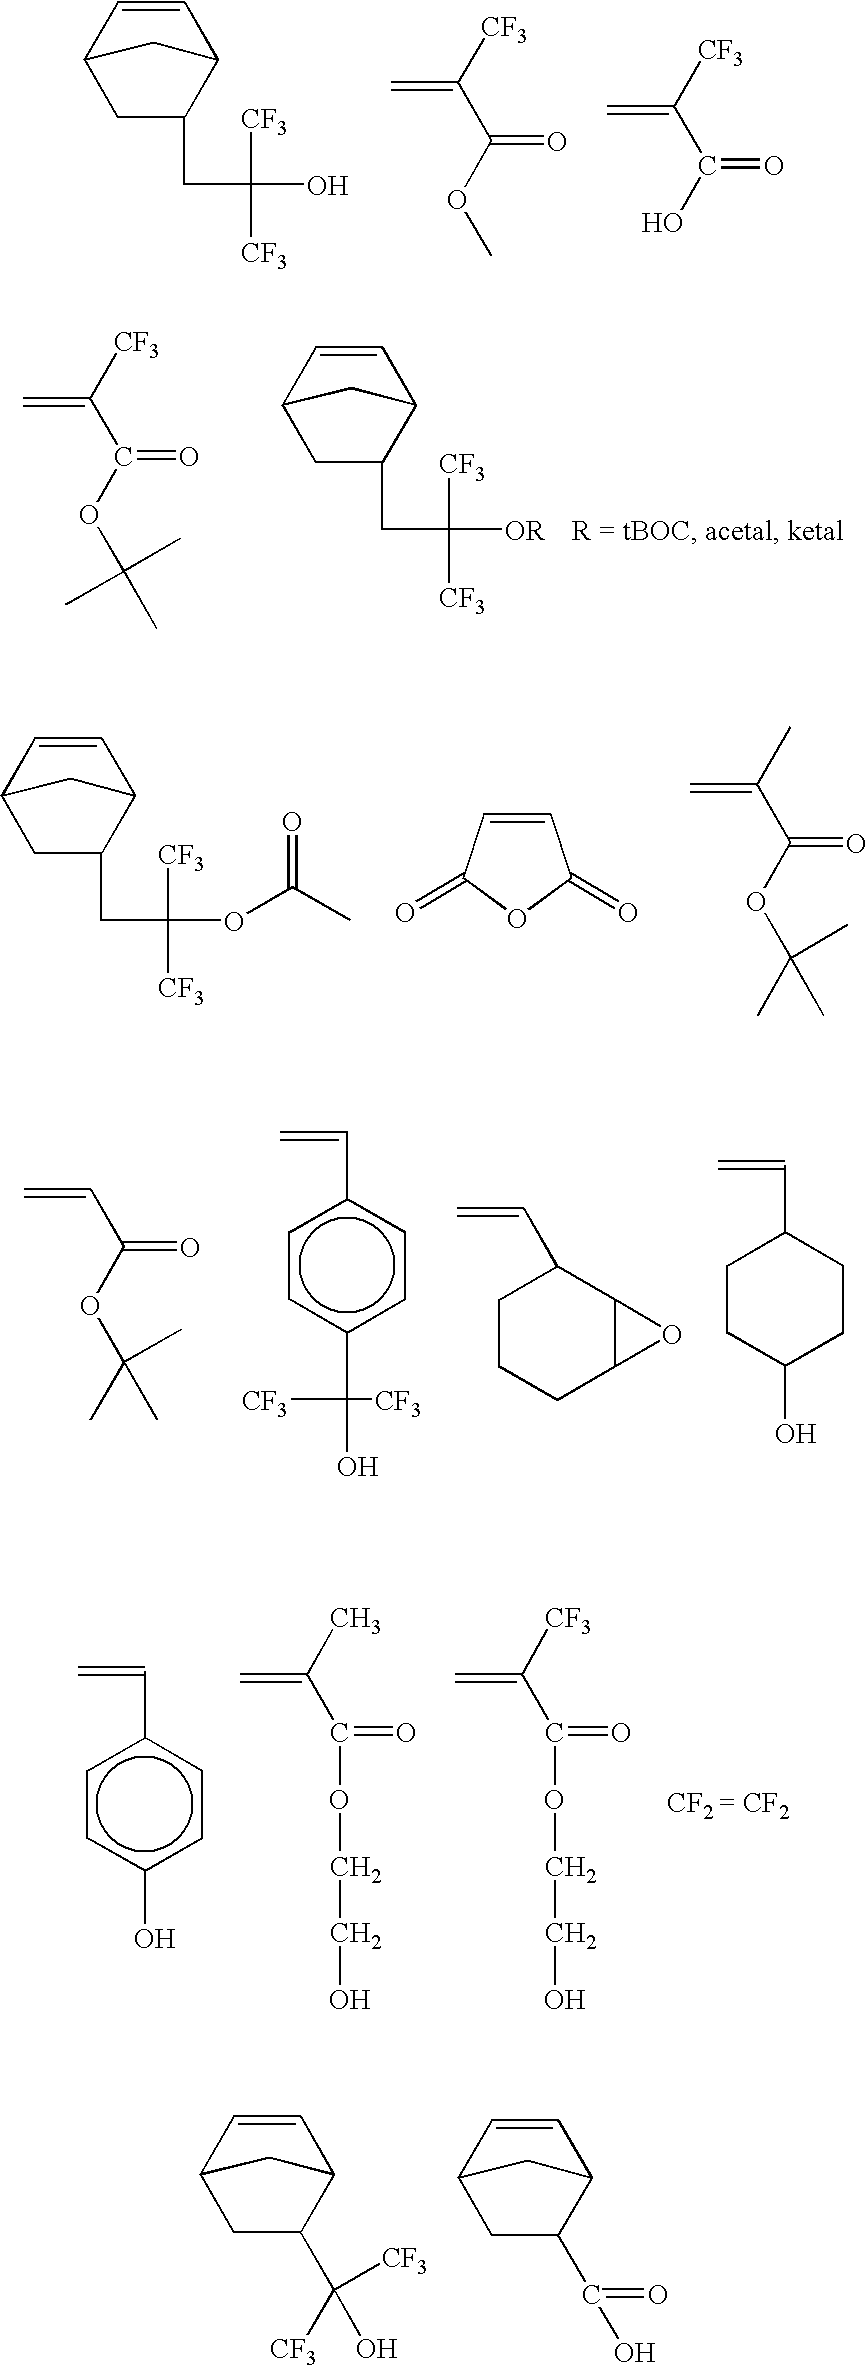 Figure US07306853-20071211-C00013